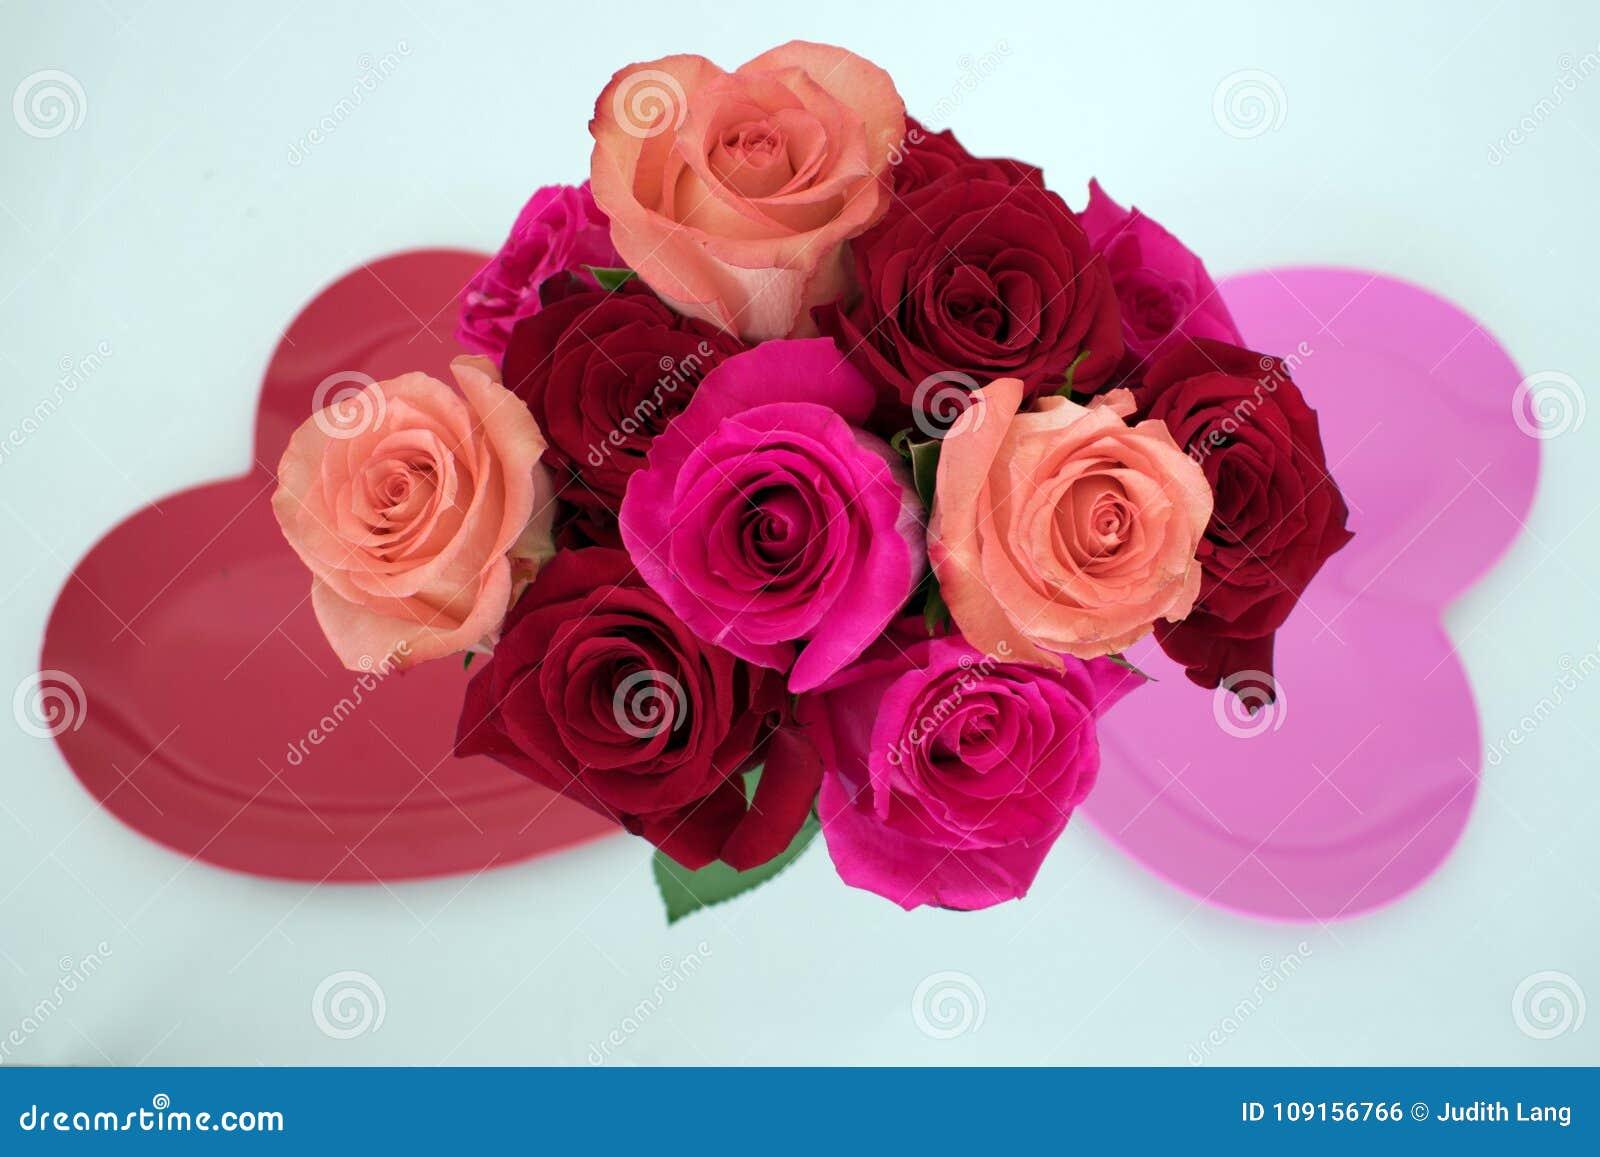 Ανθοδέσμη των τριαντάφυλλων μεταξύ δύο διαμορφωμένων καρδιά πιάτων